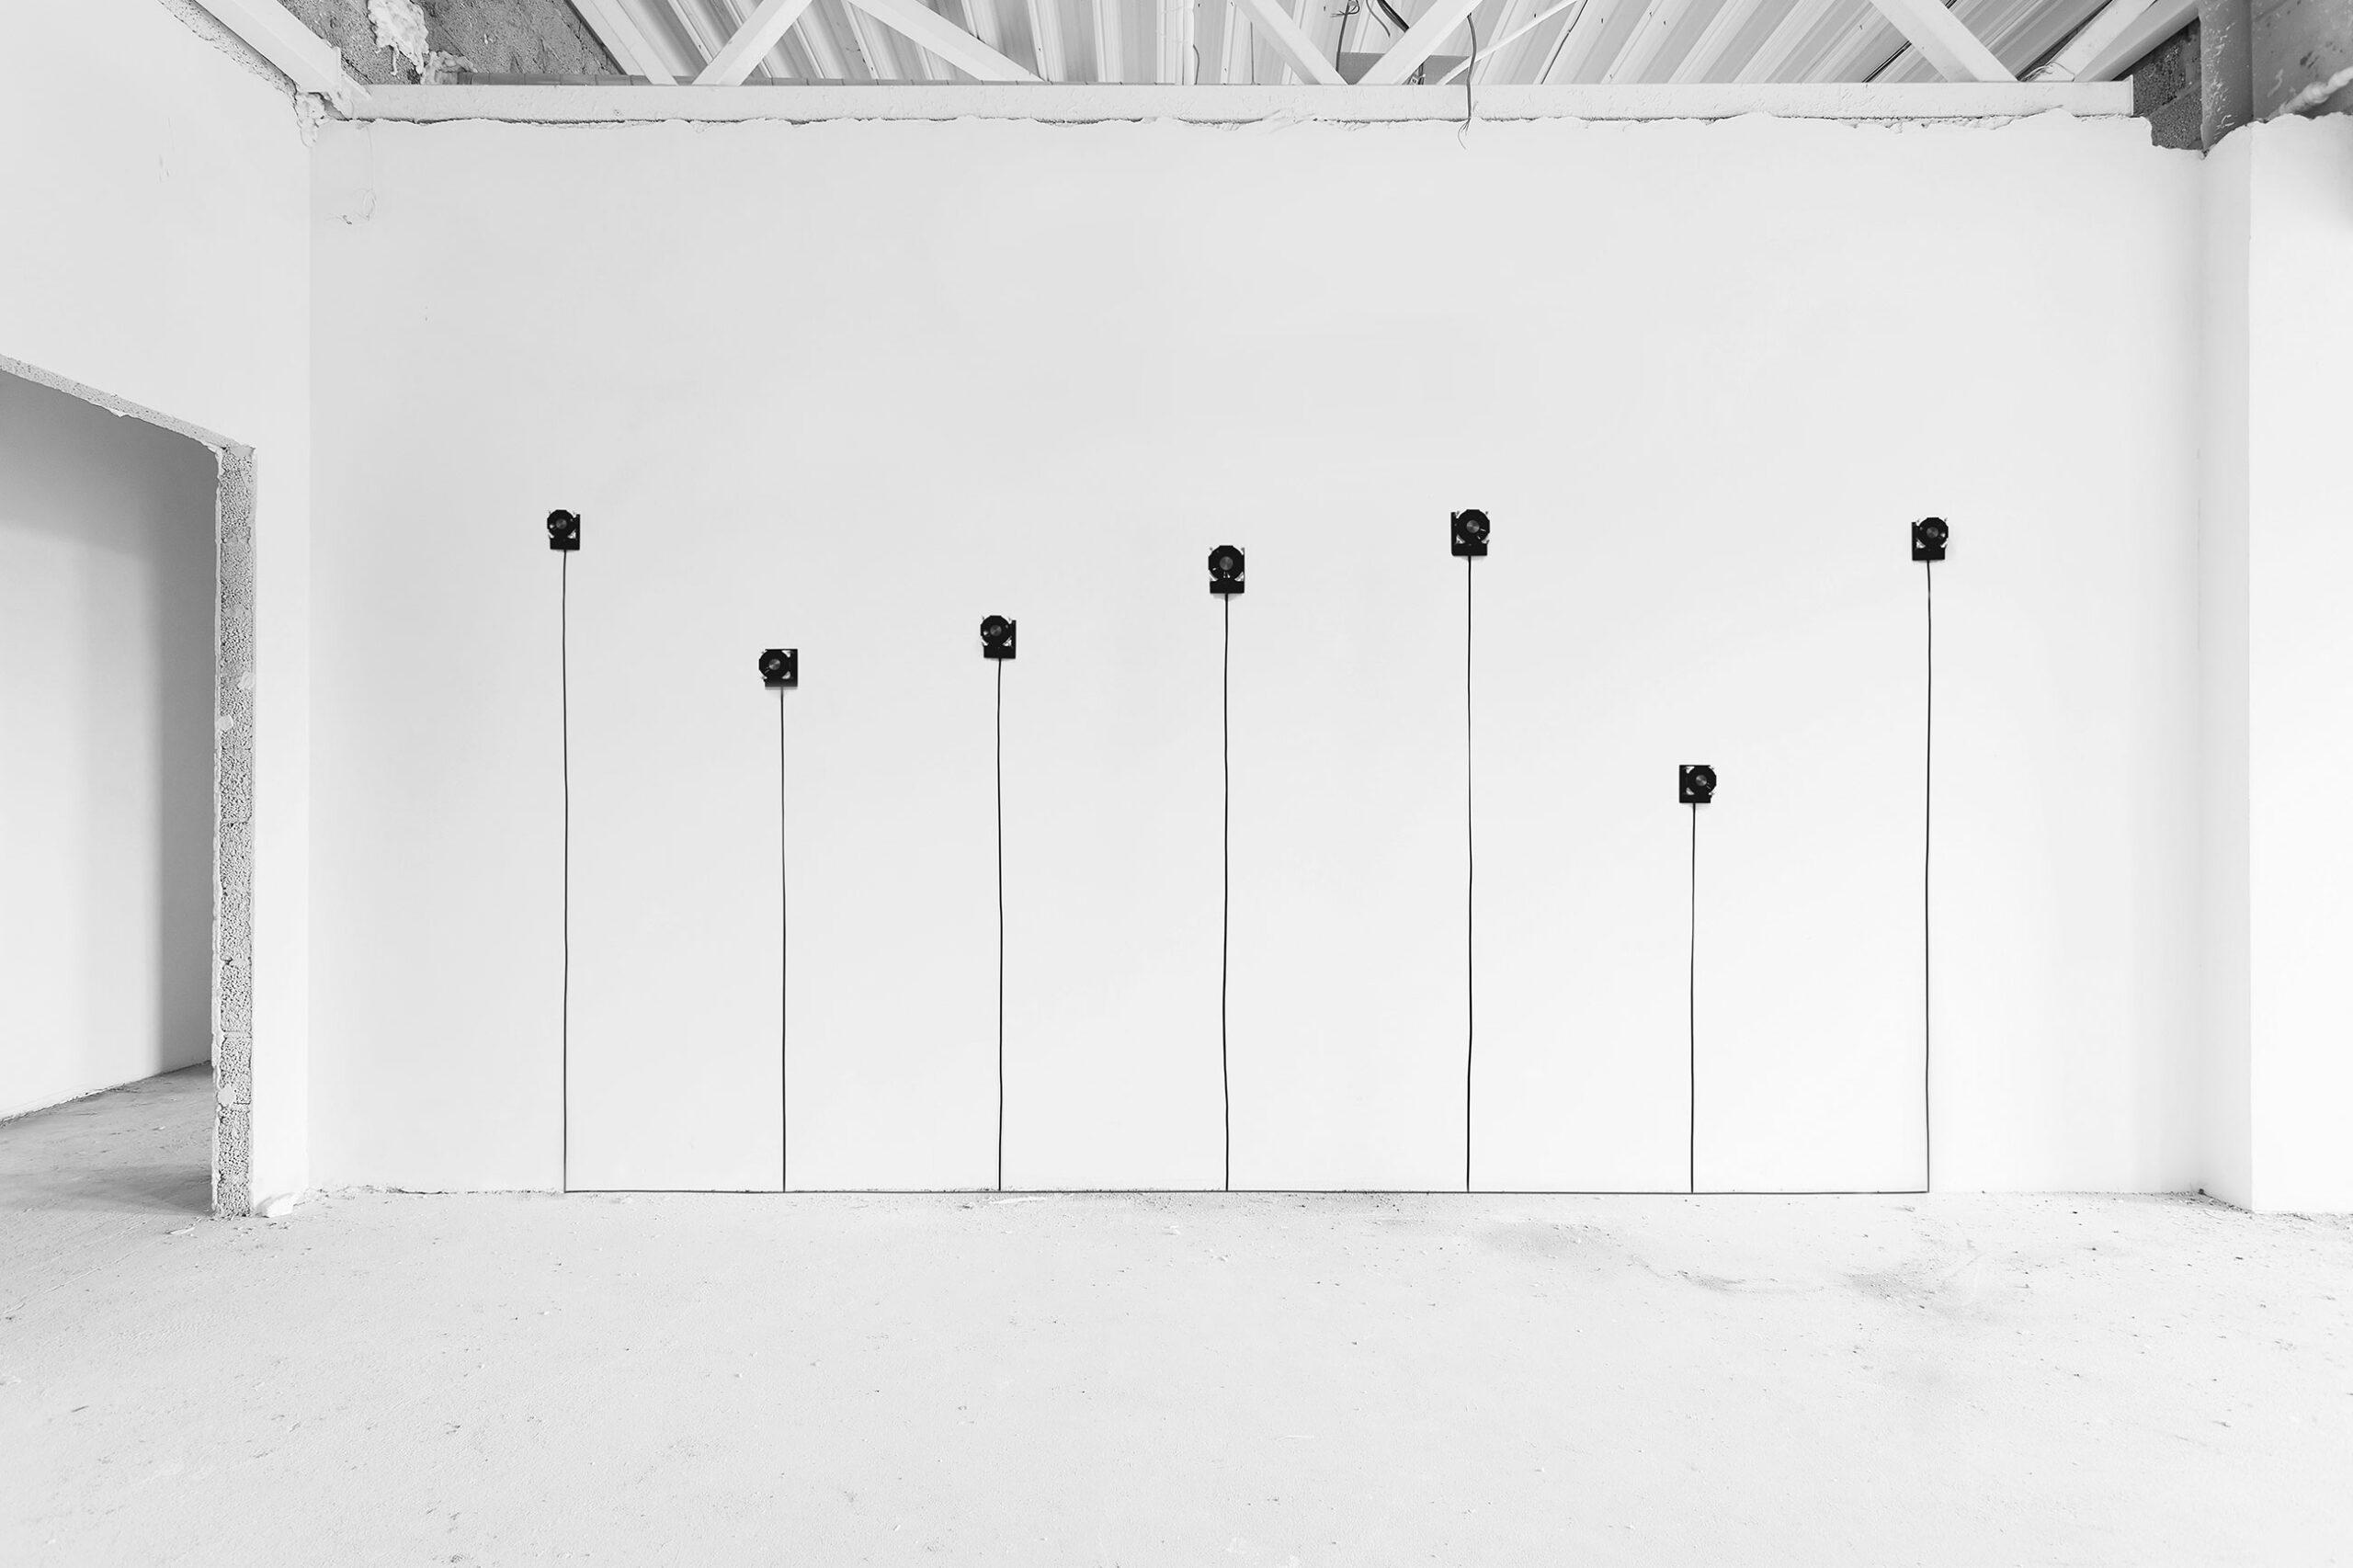 Jacek Doroszenko - Silent Souvenirs, sound installation, exhibition detail 04